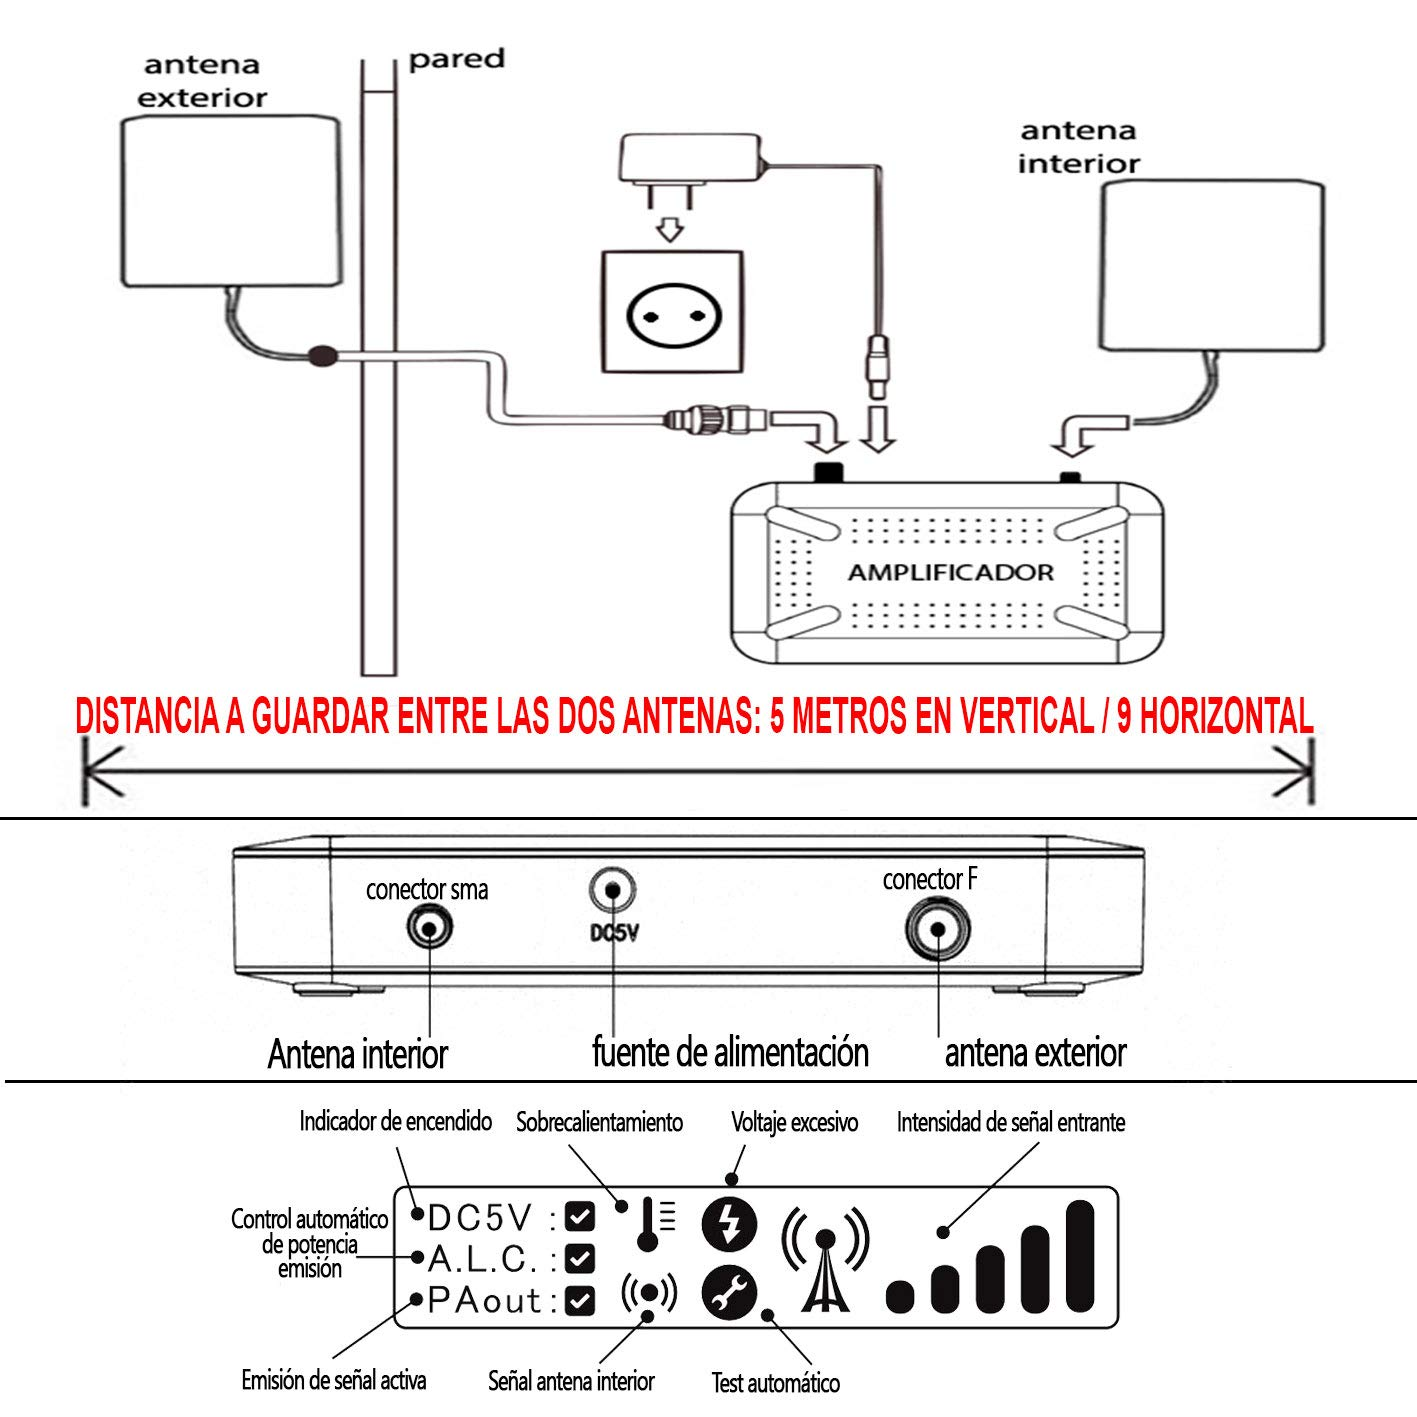 GENUINETEK Amplificador Cobertura gsm 3G 900 MHz para Zonas Rurales: Amazon.es: Electrónica